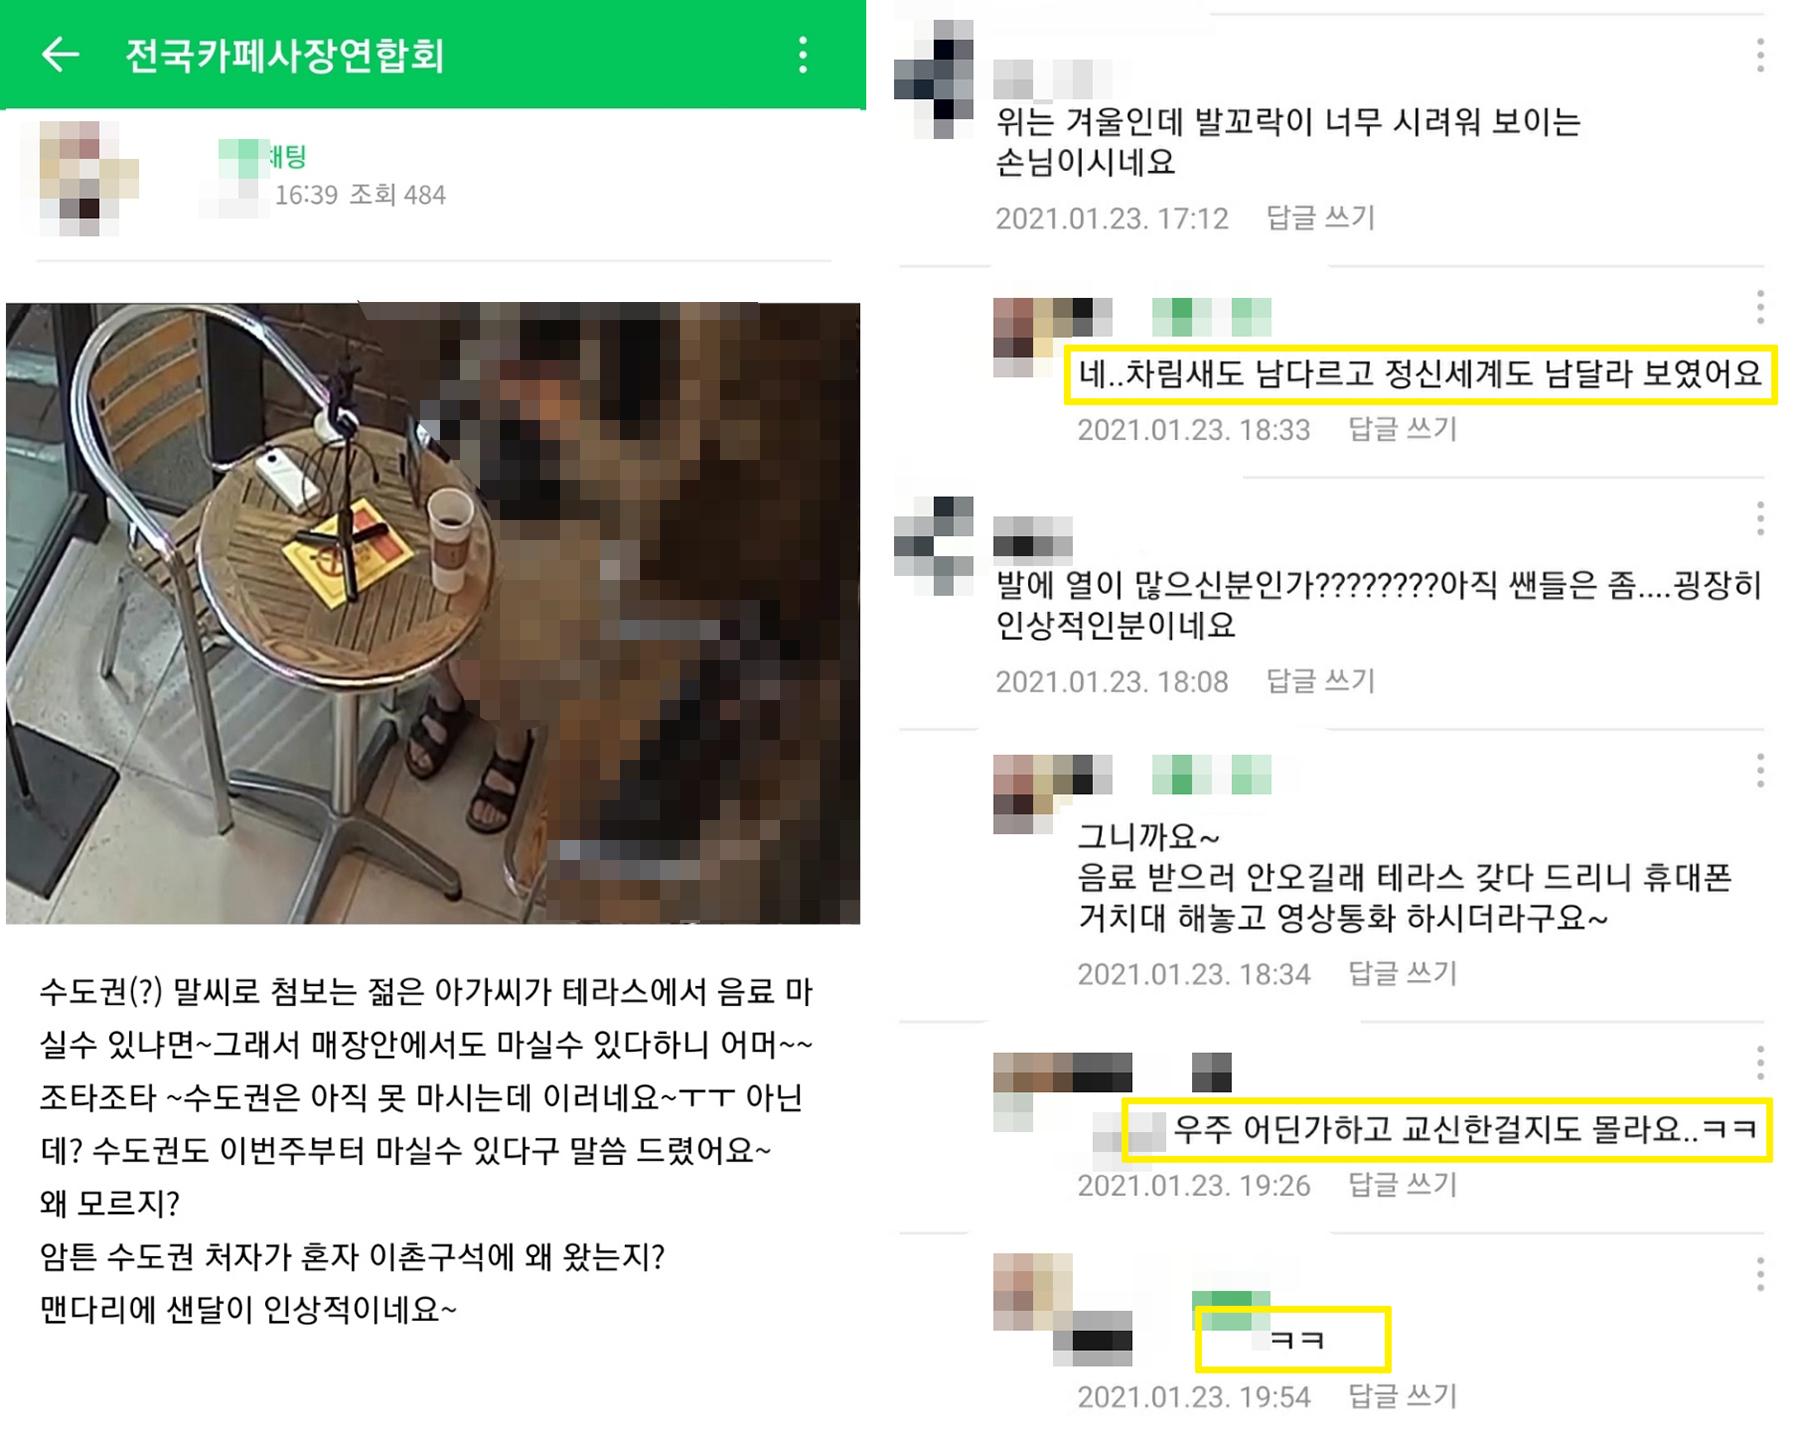 해당 카페에 올라온 게시글과 댓글. 네이버카페 캡처